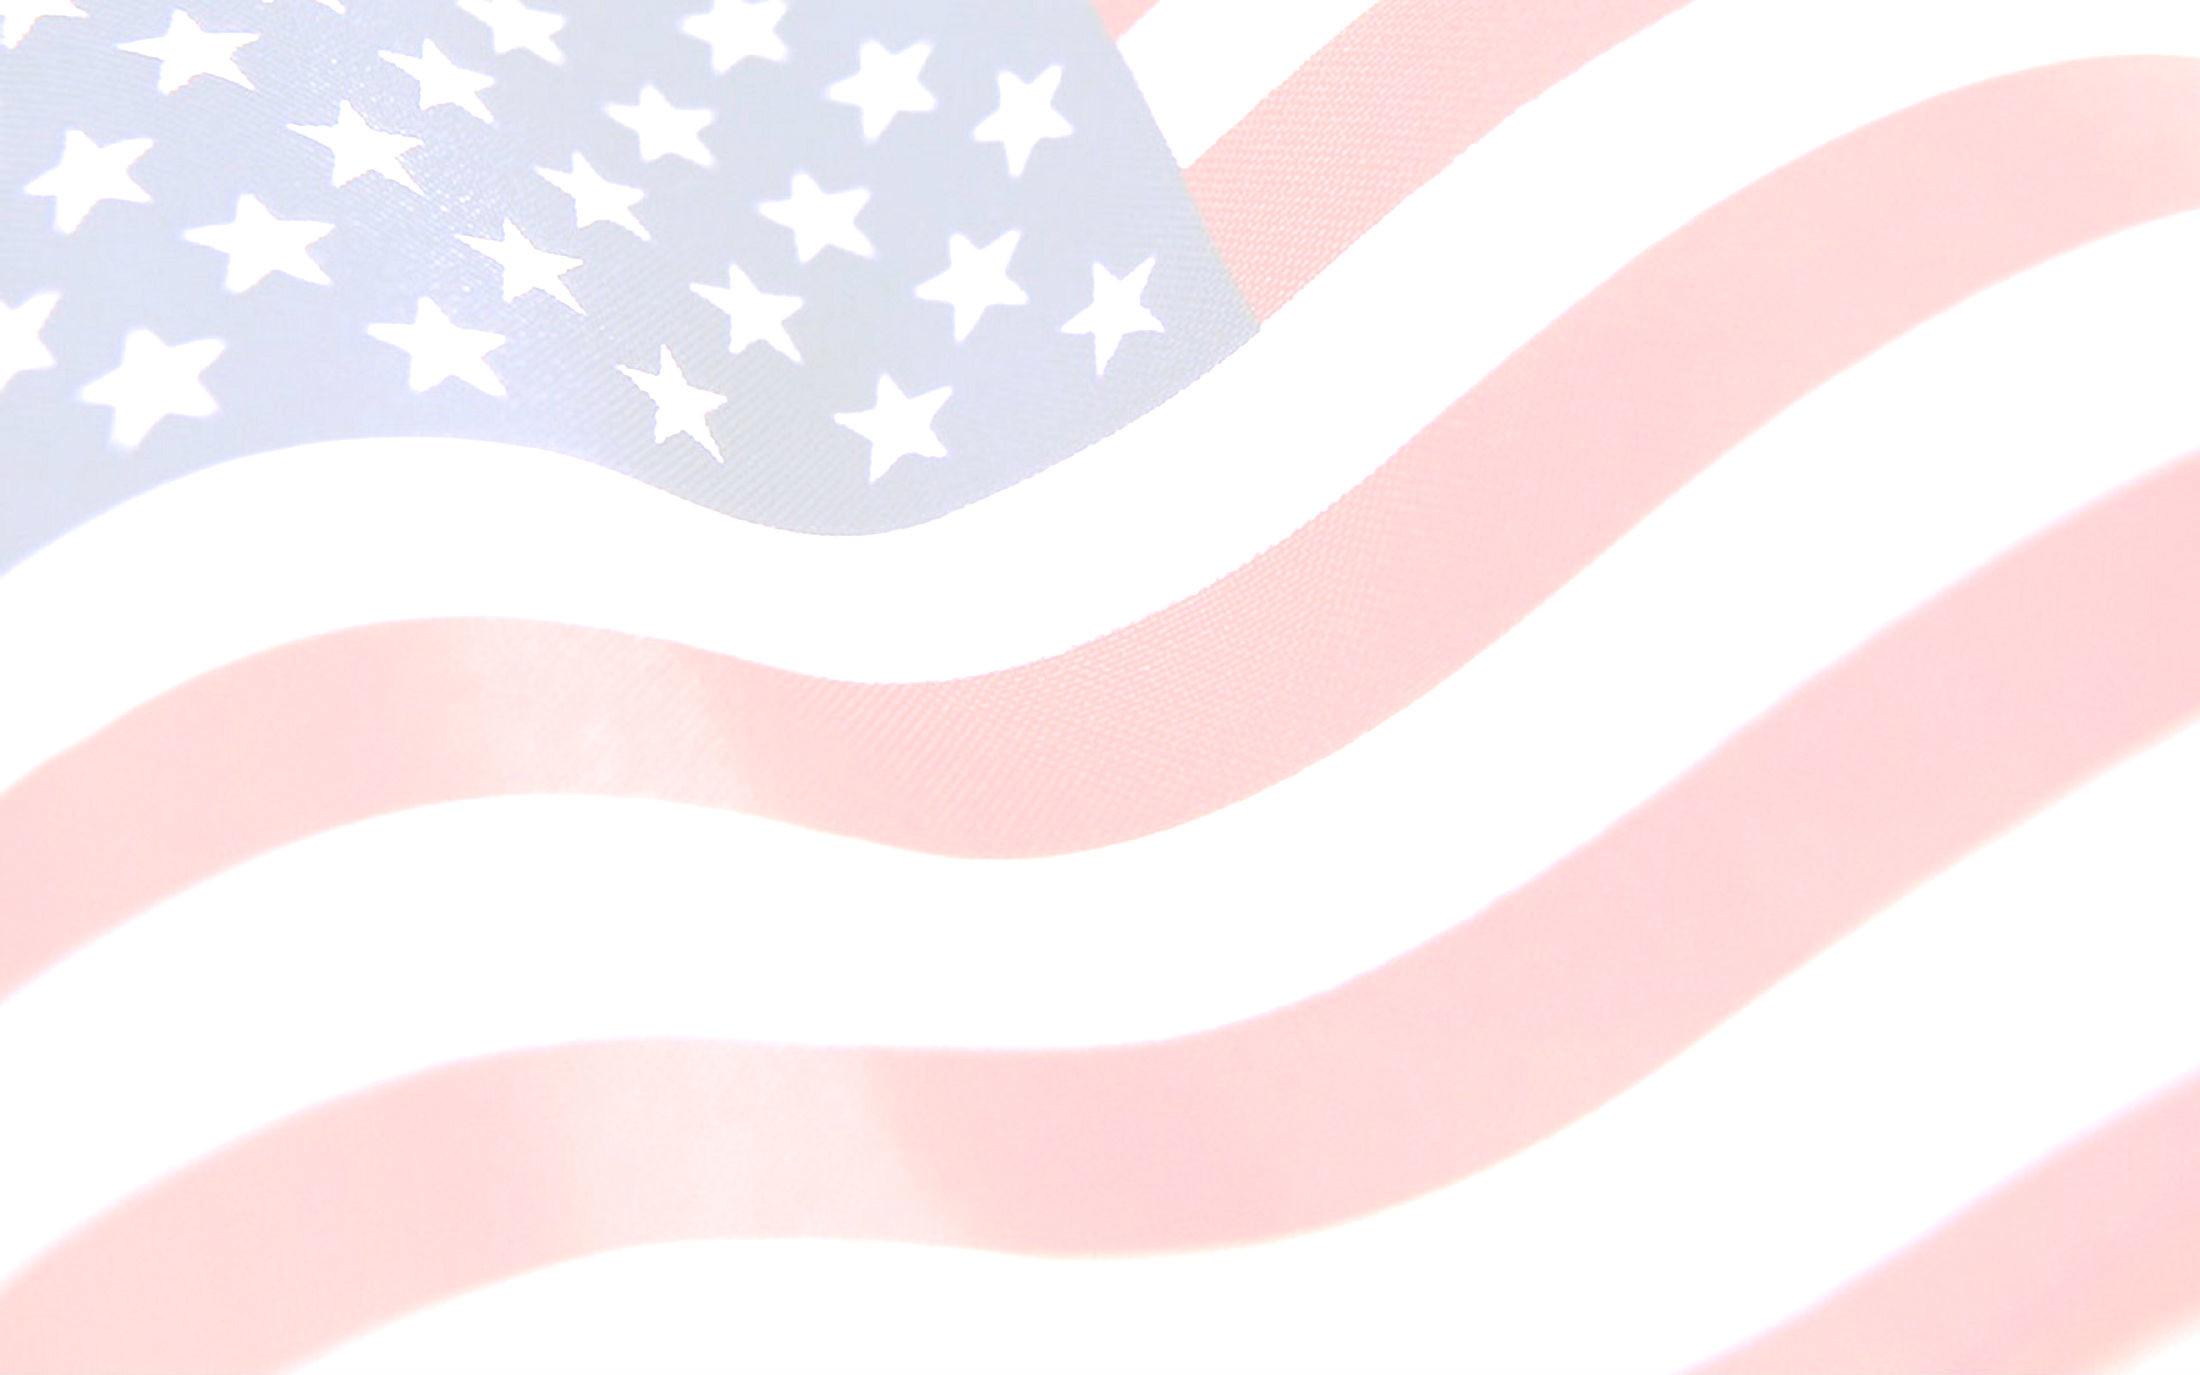 Photos Faded American Flag Wallpaper · Photos Faded American Flag Wallpaper  free powerpoint background